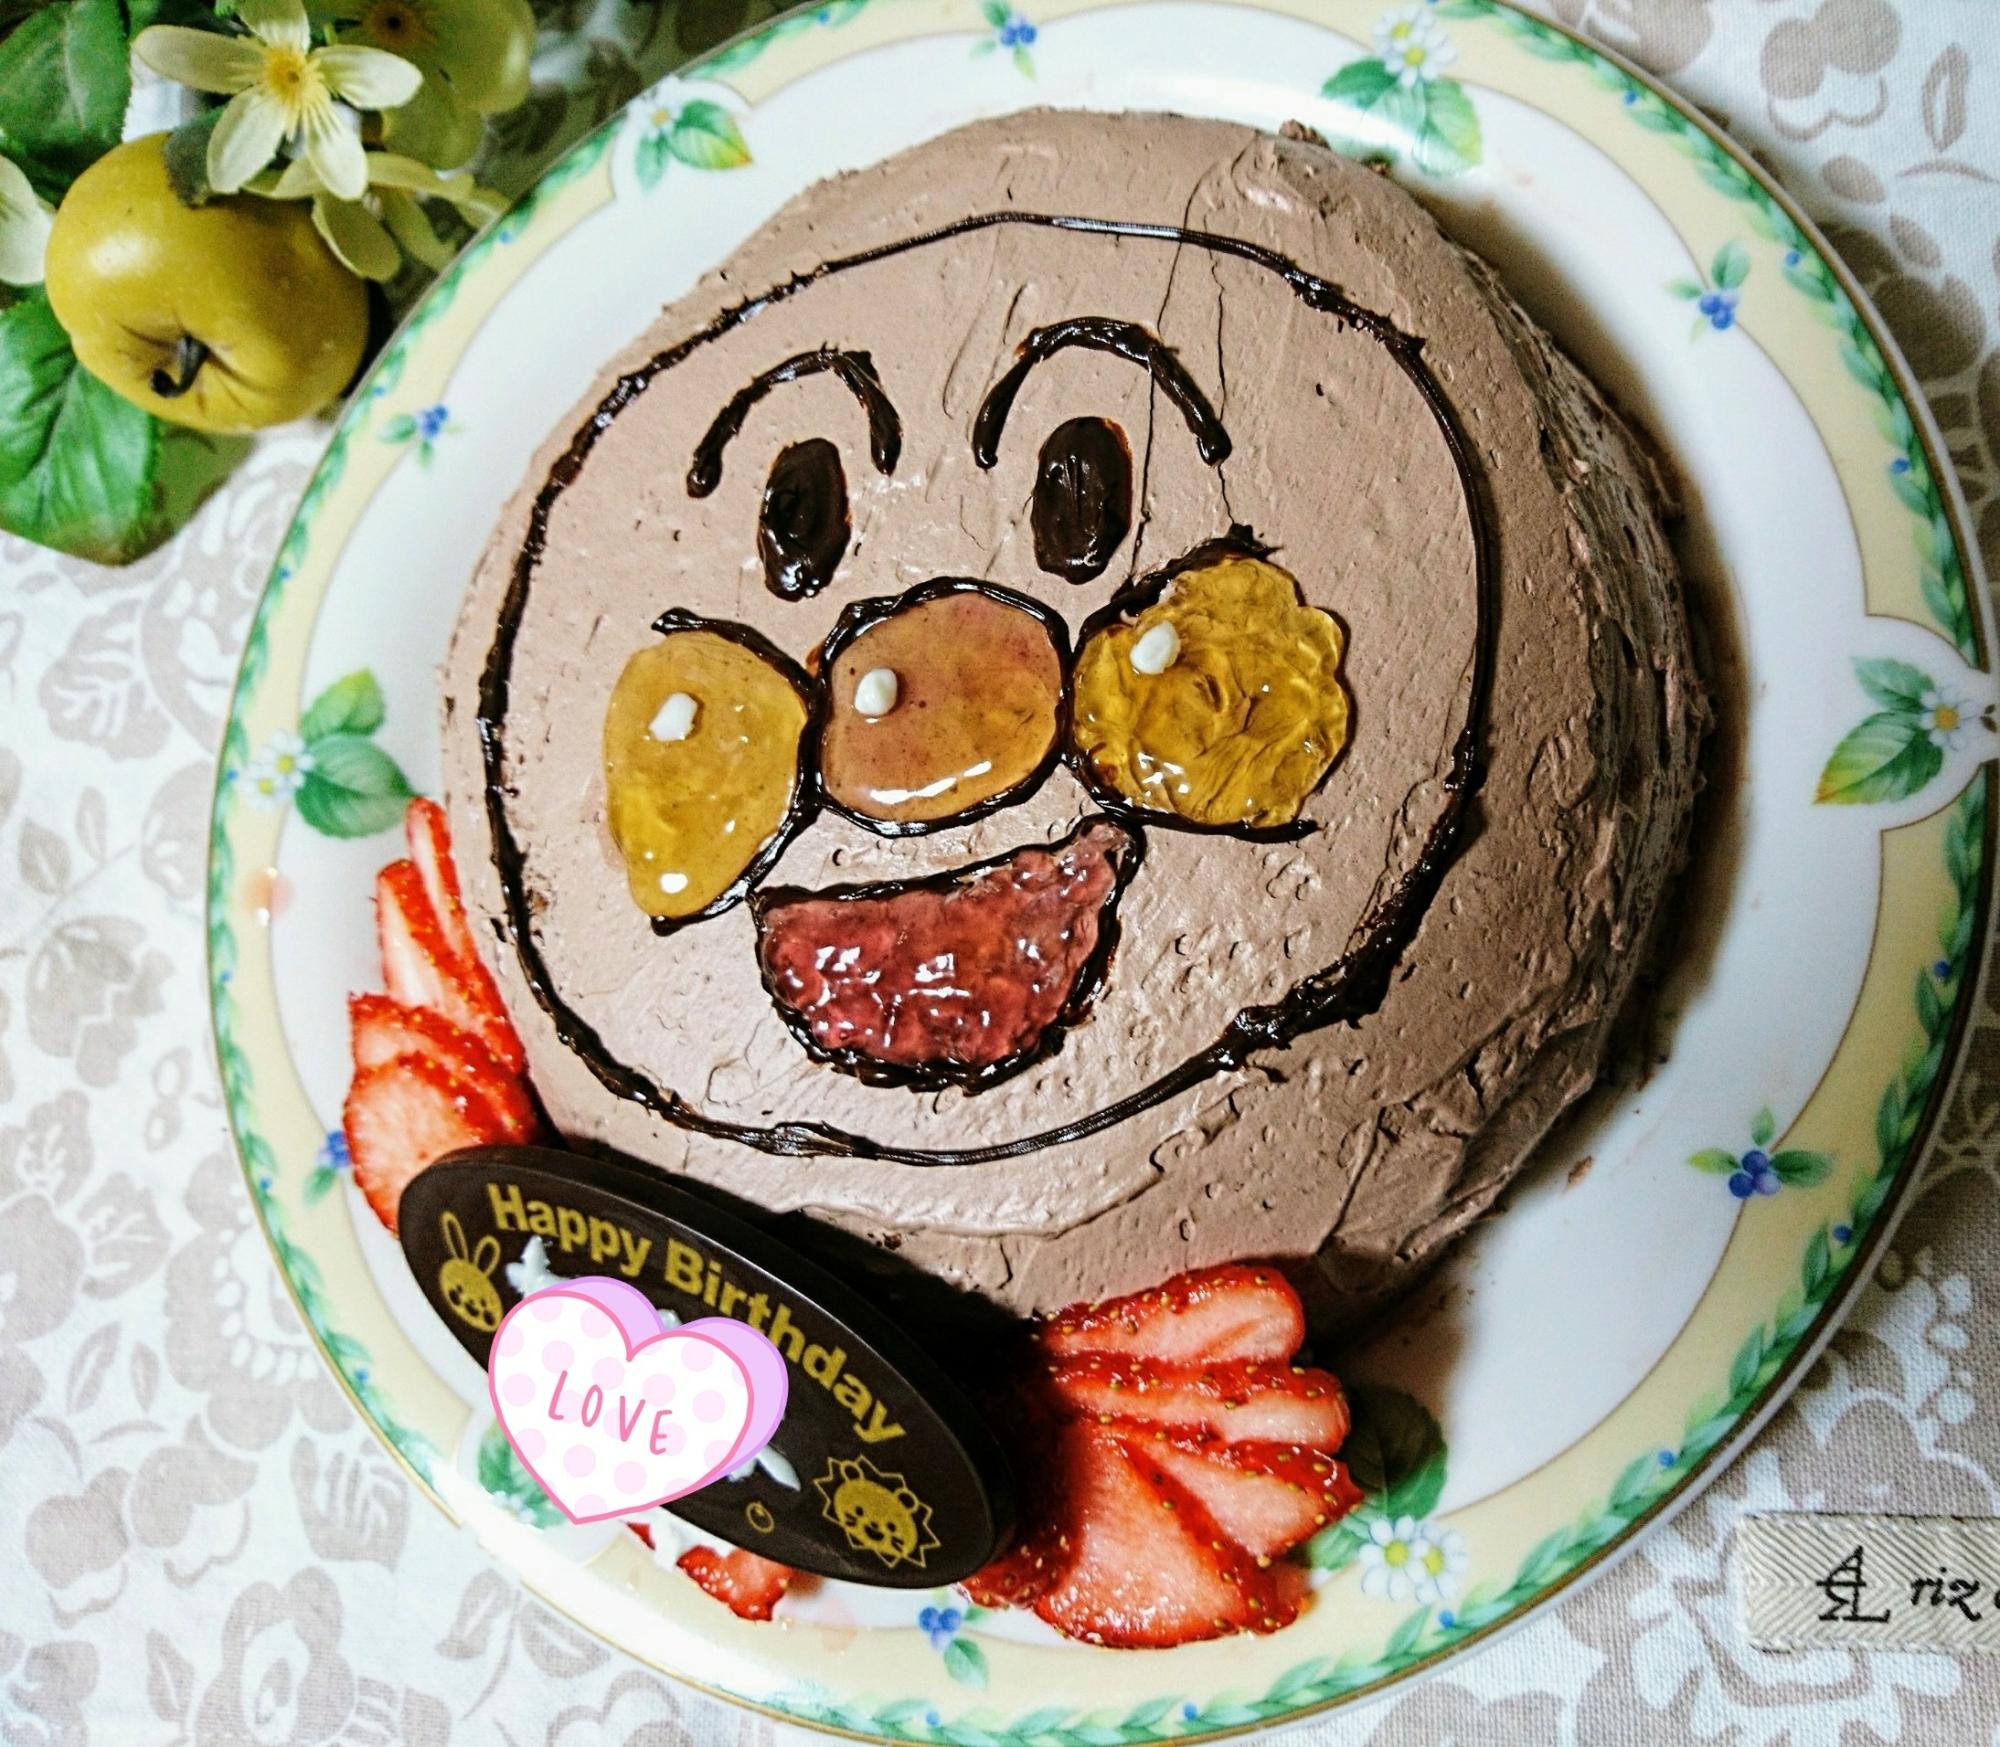 のアンパンマンケーキ レシピ・作り方 by ピコタン 楽天レシピ